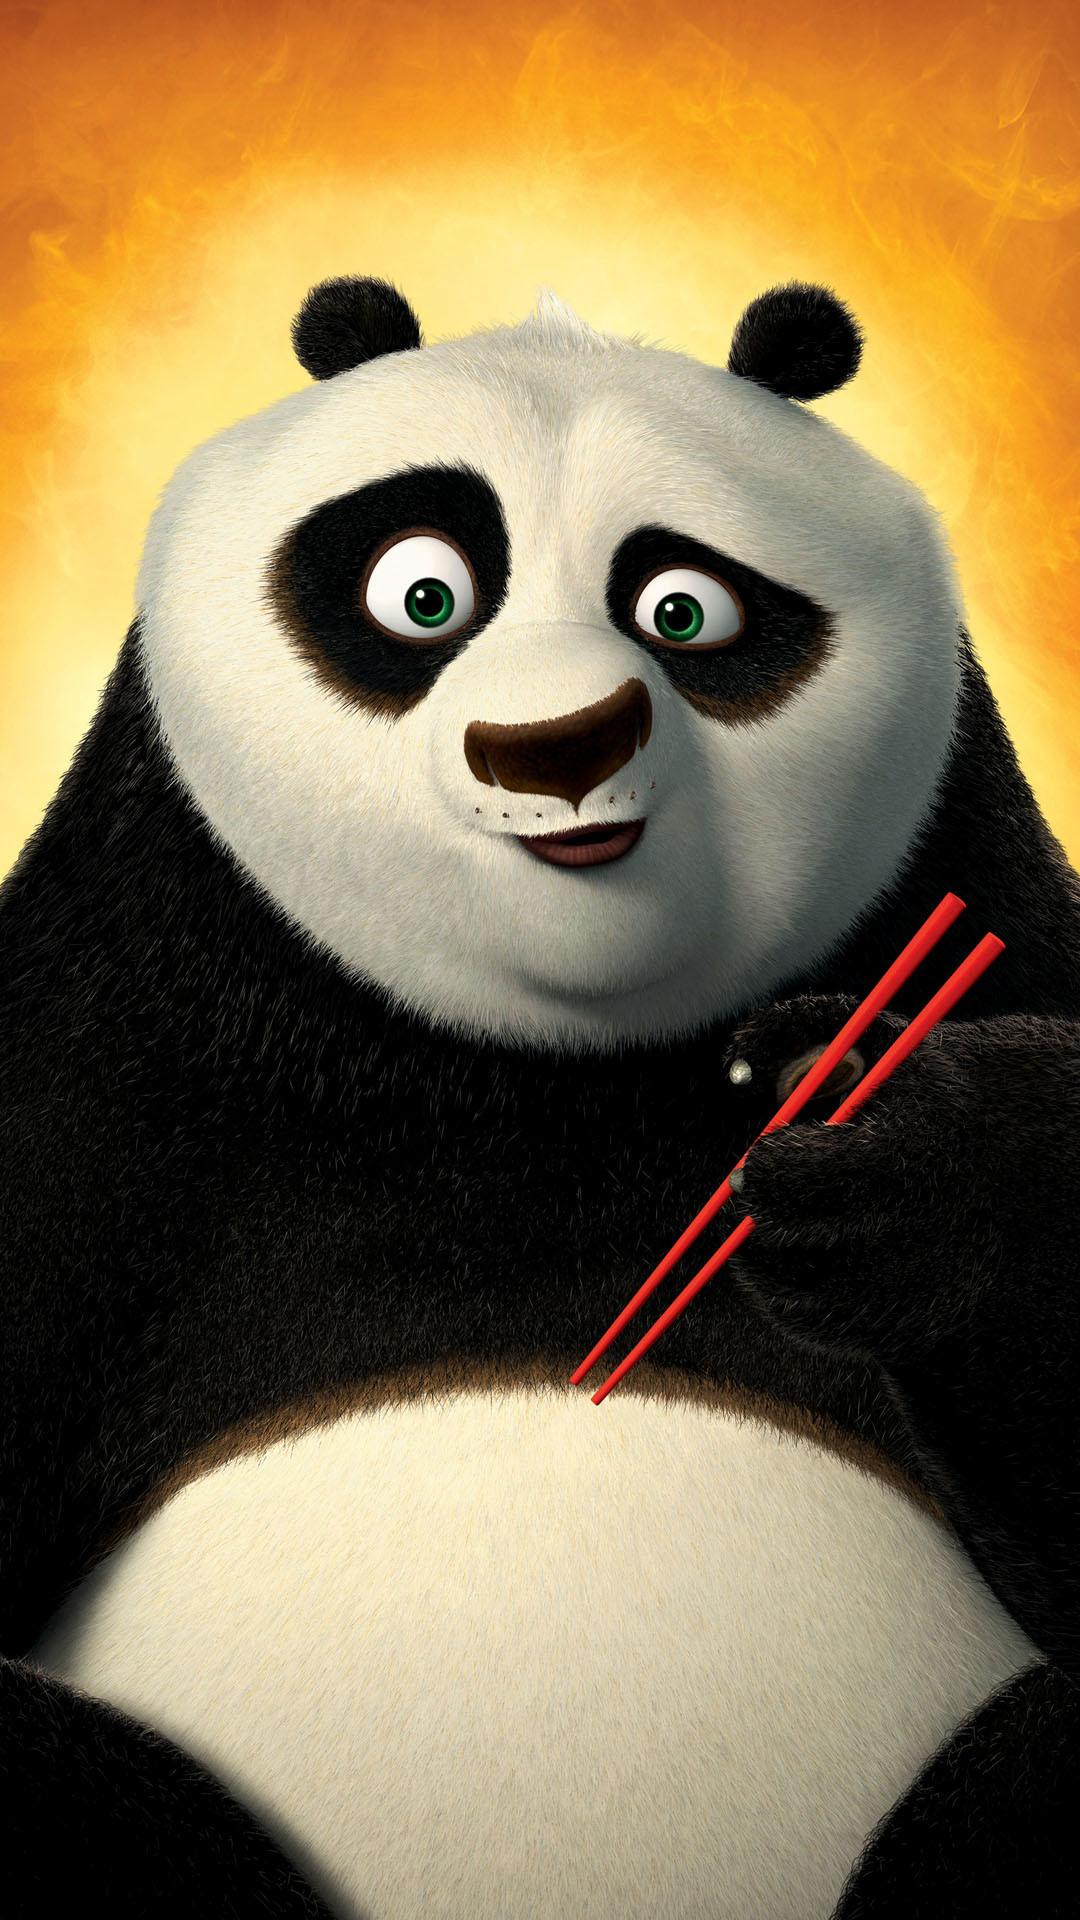 Panda iPhone Wallpaper (82+ images)